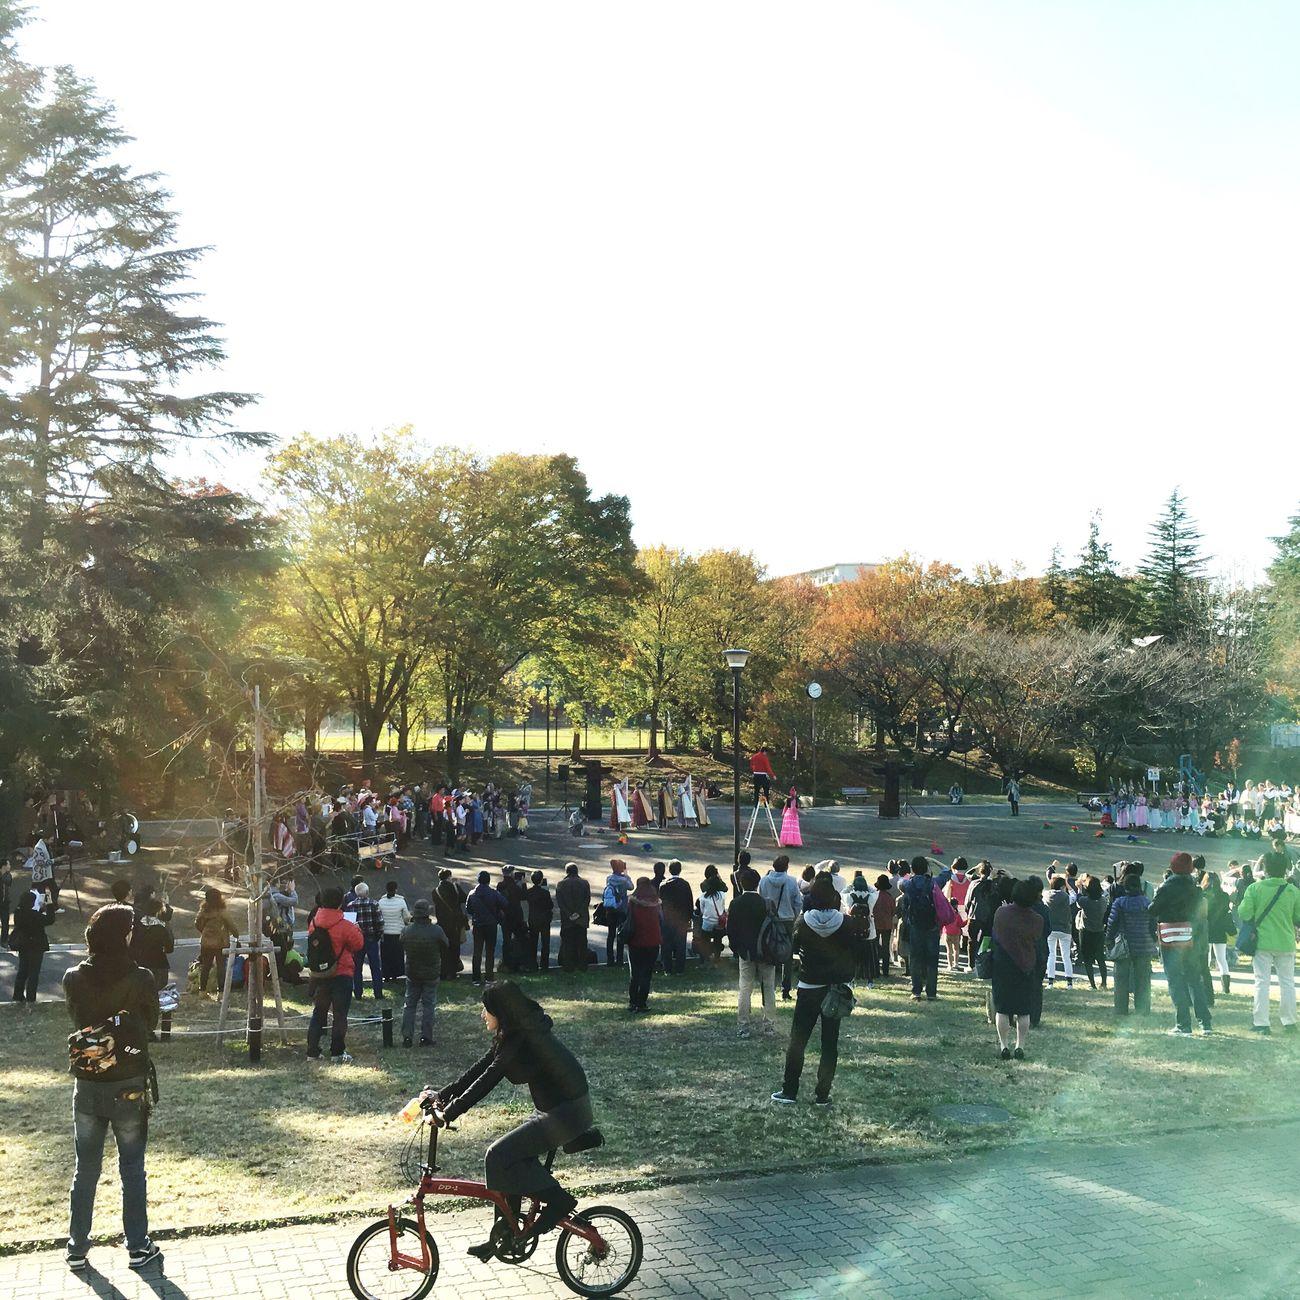 たまプラーザのみんなでつくったお祭り GUMBO 。 Festival